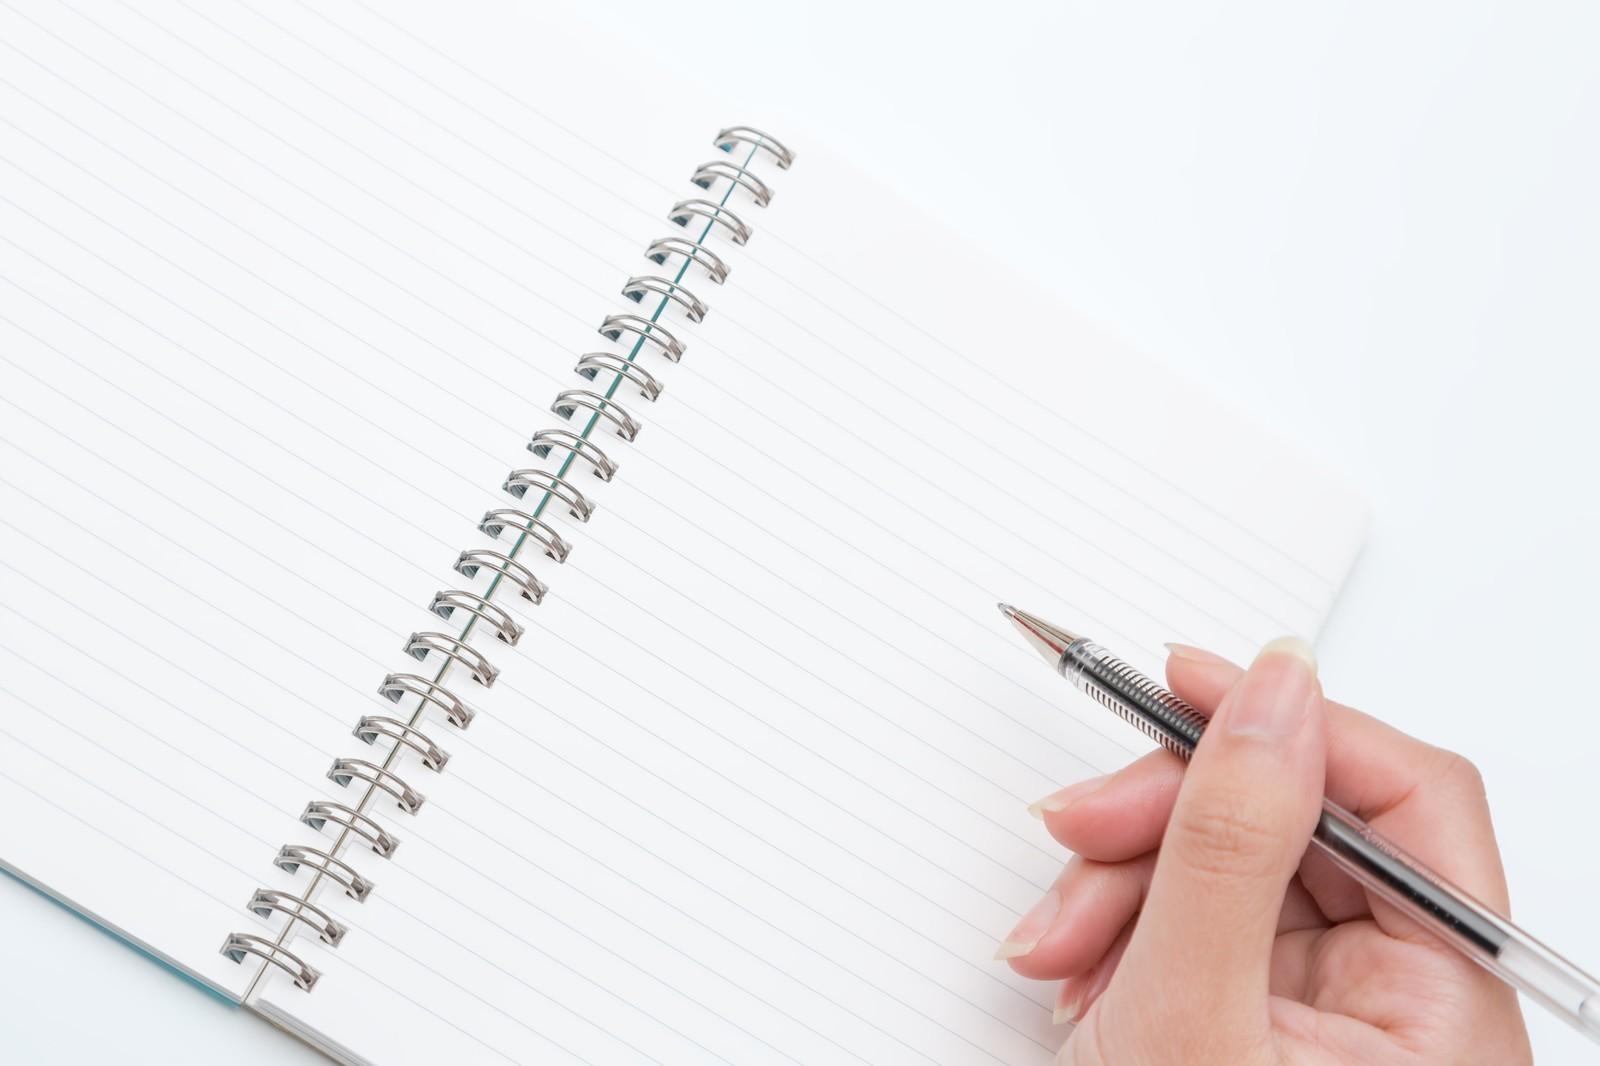 ノート術に学ぶ自分だけのノート作り。繰り返しだけの日常にアクセントを!